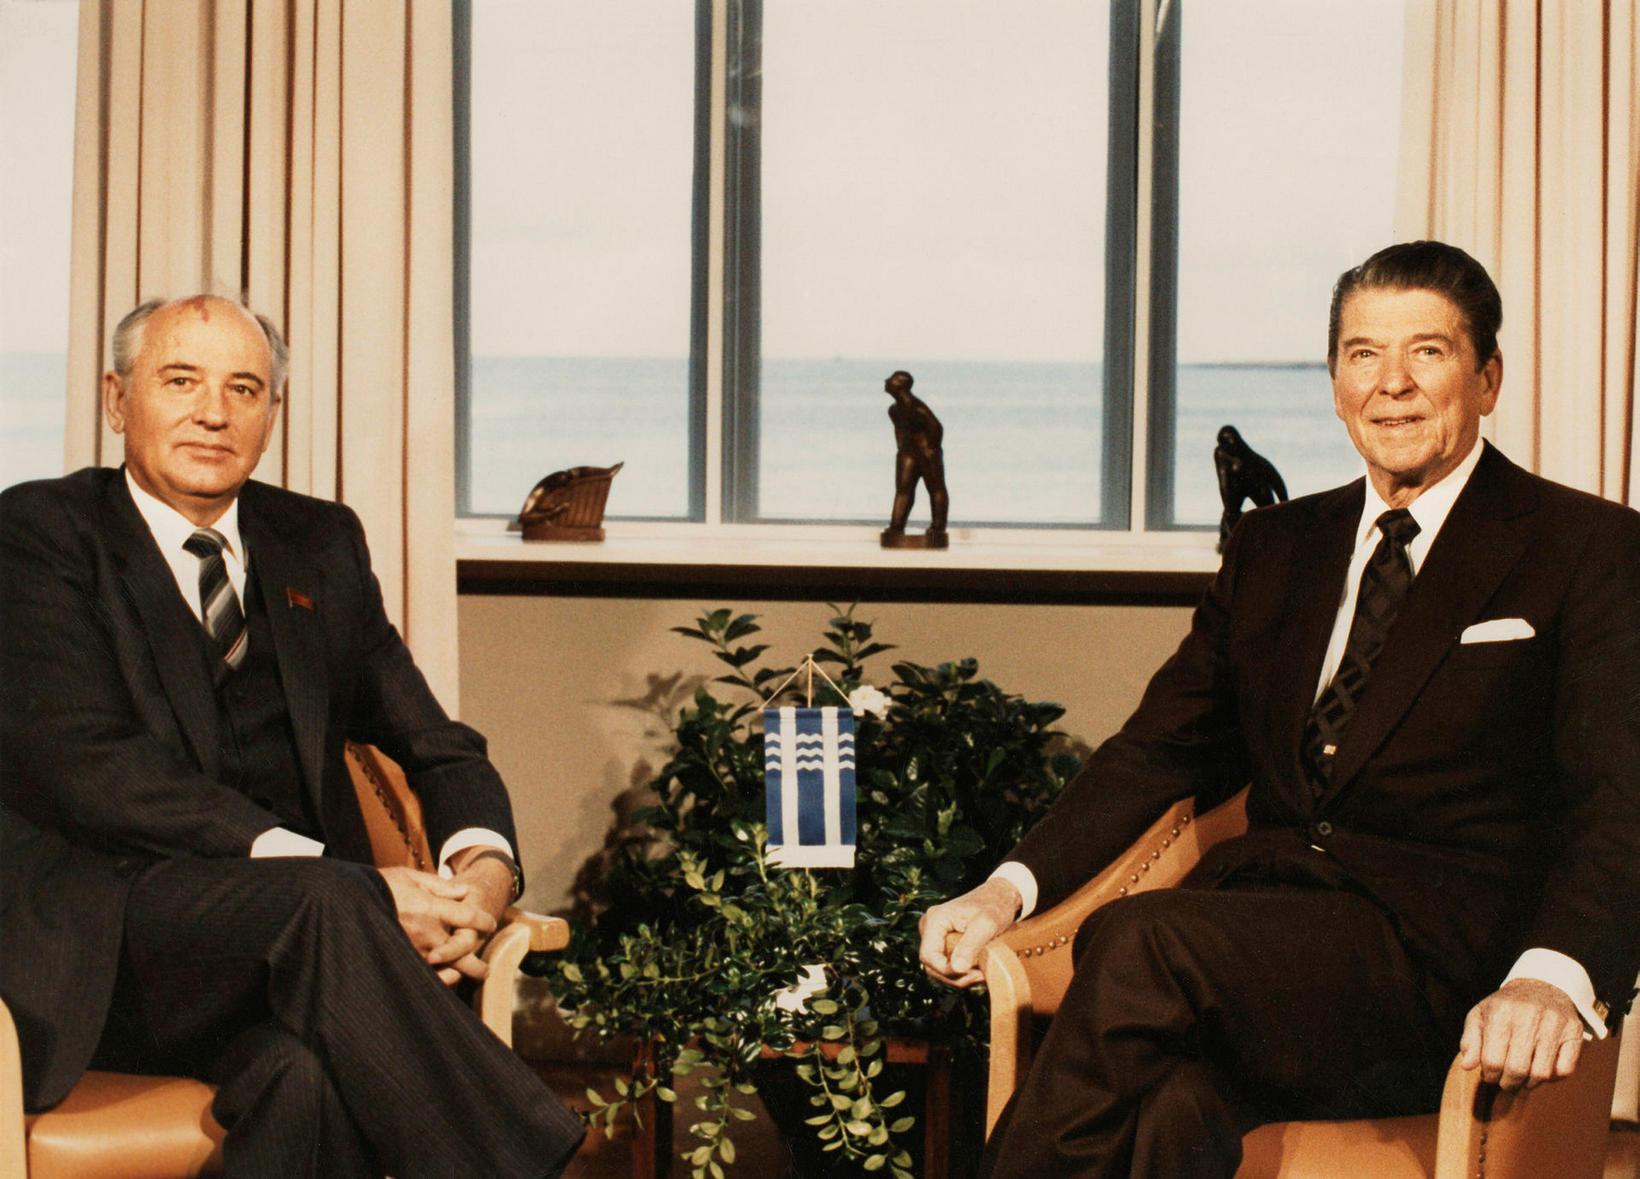 Leiðtogafundur Ronalds Reagans og Gorbachev í Höfða árið 1986.